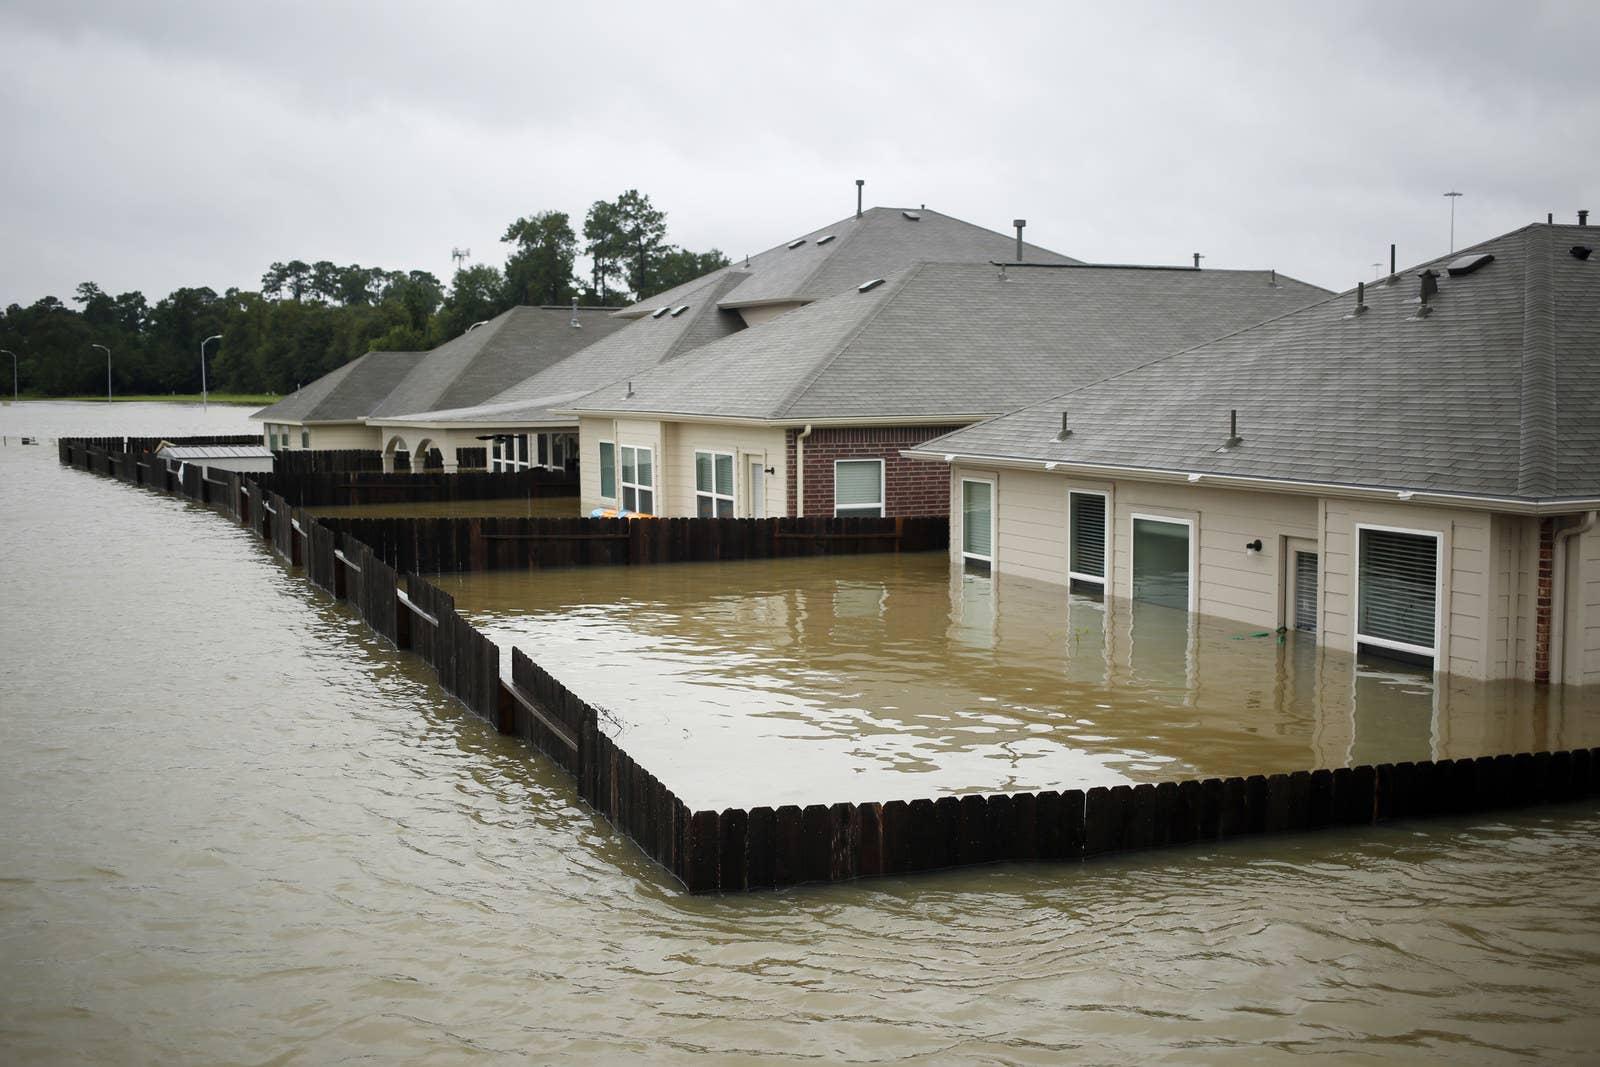 台灣有天必須面對這樣的天災?50年來「最強颶風」肆虐德州,21張照片讓你重新認識大自然的可怕!